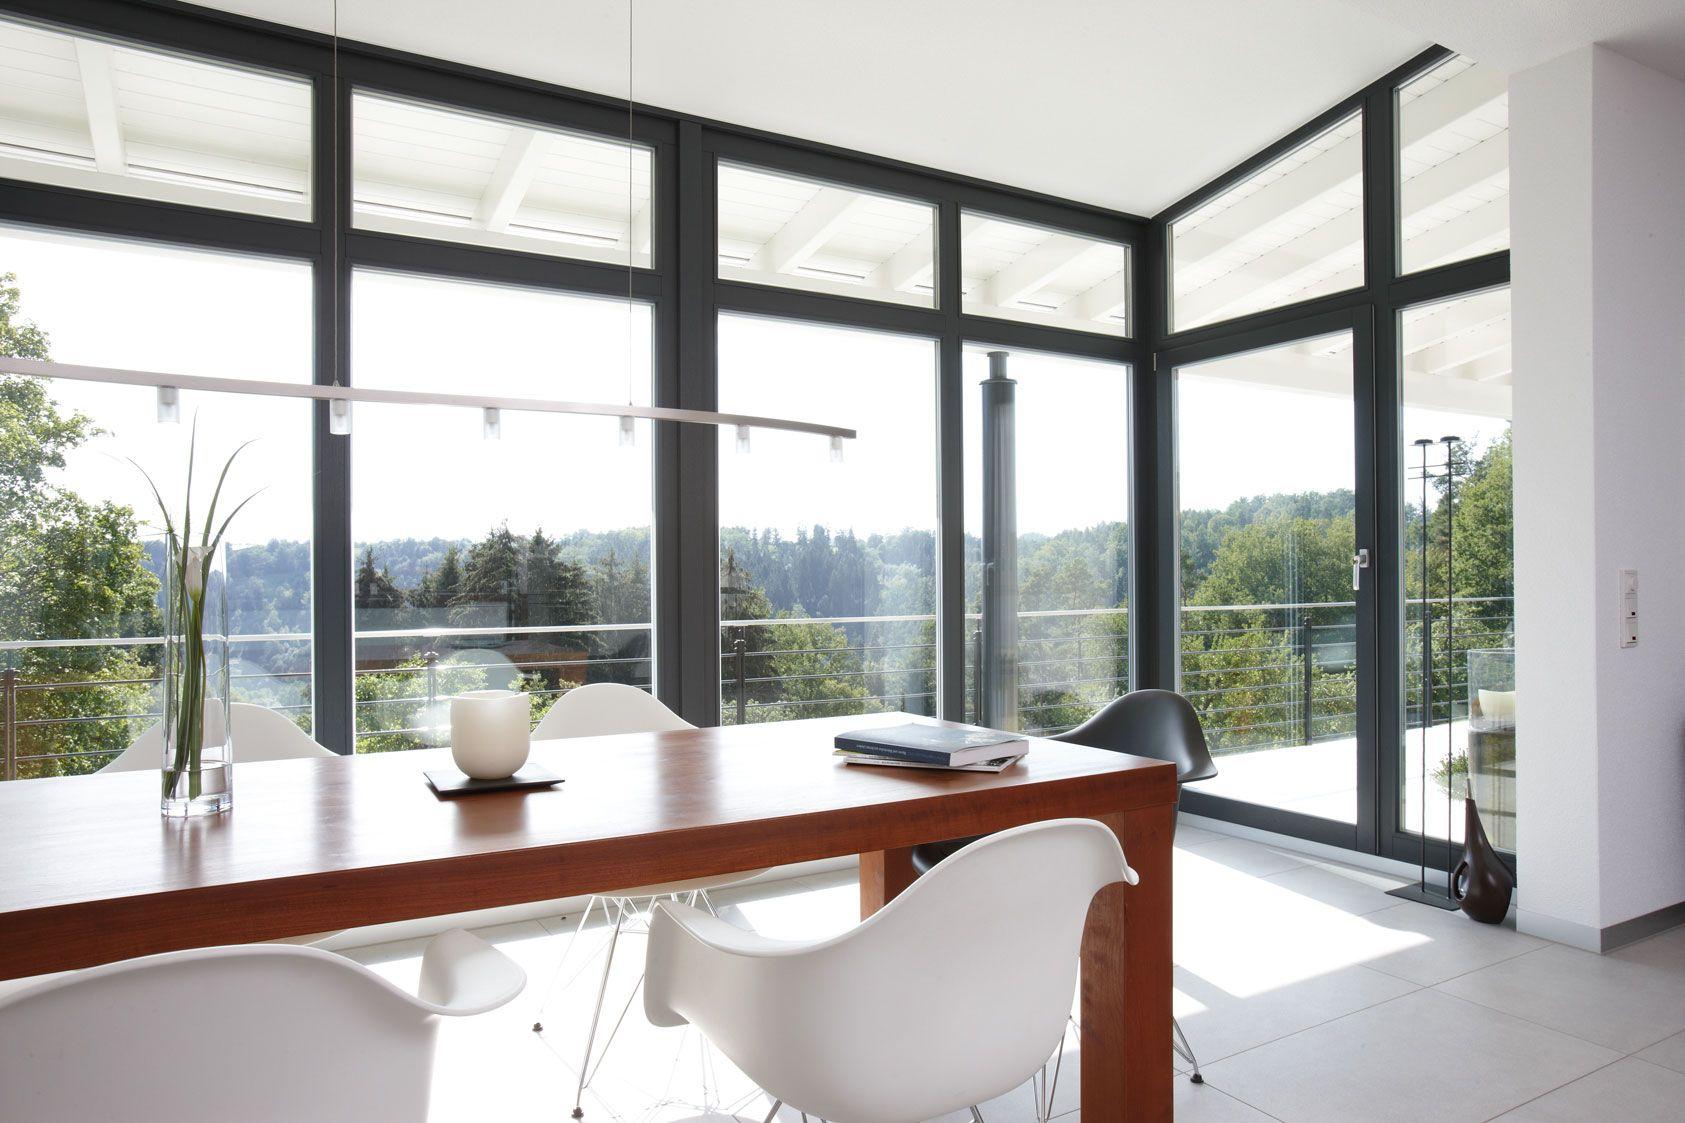 esszimmer mit wintergarten mit exklusivem ausblick haus pinterest ausblick winterg rten. Black Bedroom Furniture Sets. Home Design Ideas